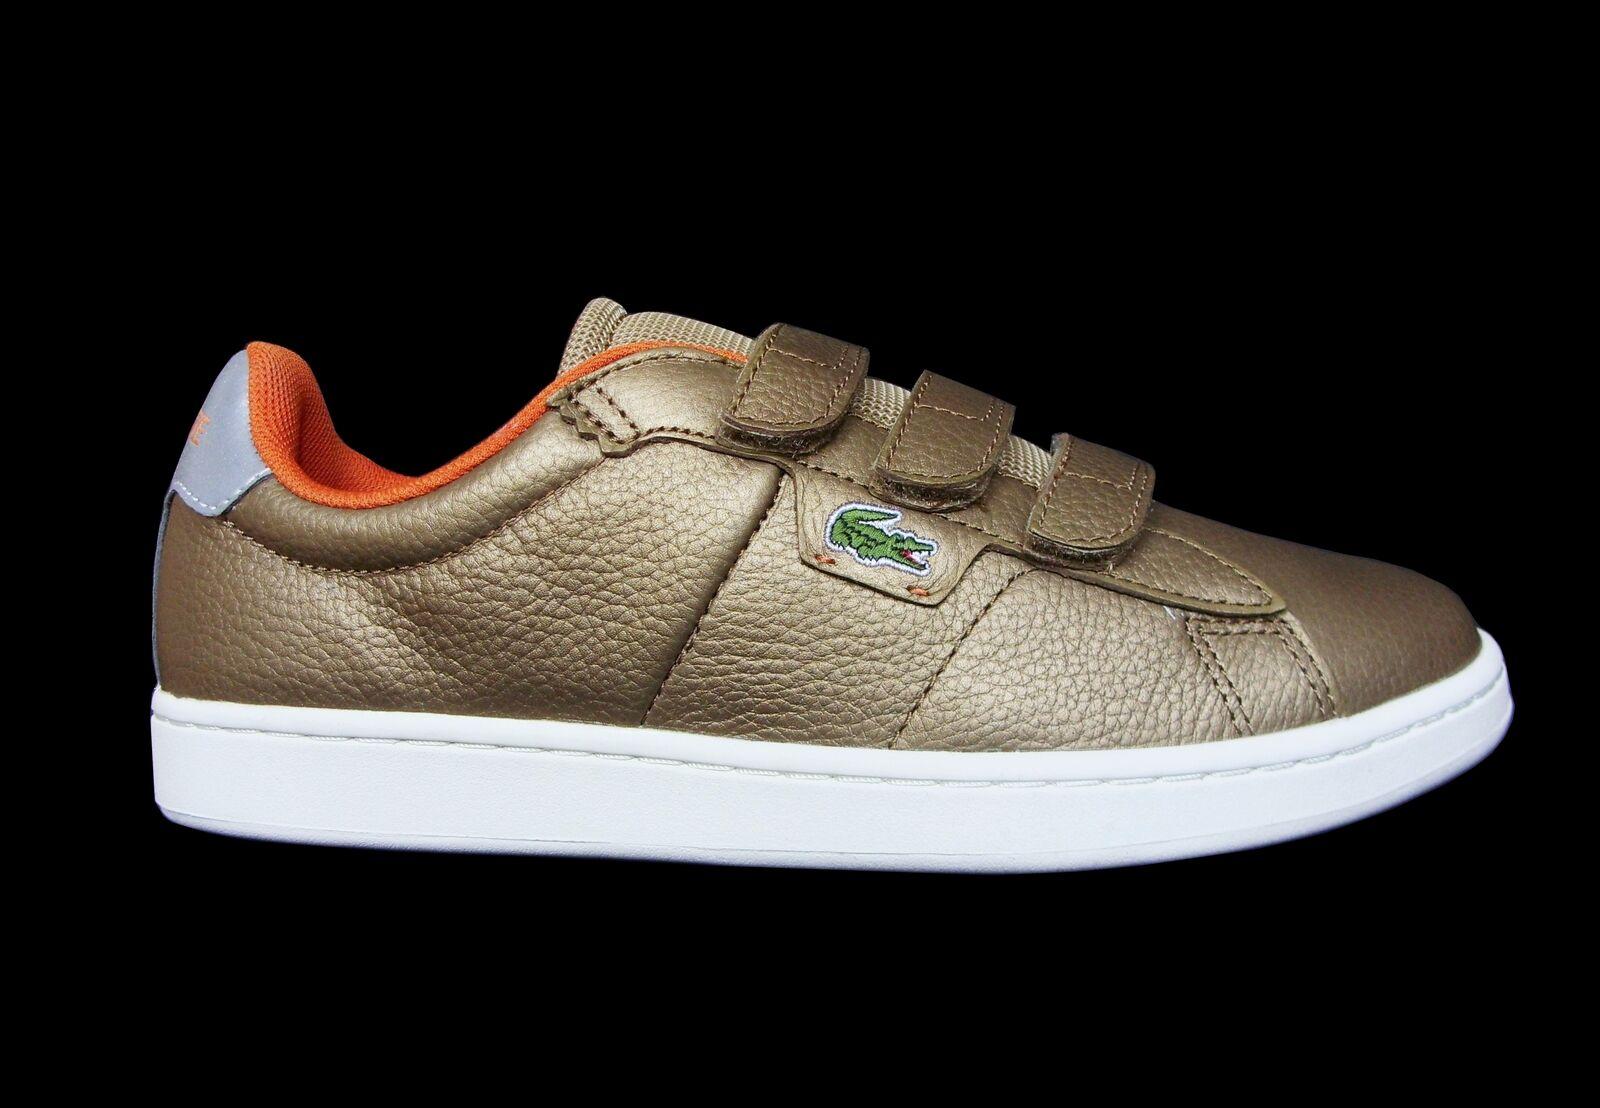 LACOSTE LIVE Label Label Label Broadwick Strap scarpe da ginnastica Uomo Bronzo Marronee Taglia | Funzione speciale  7606b8